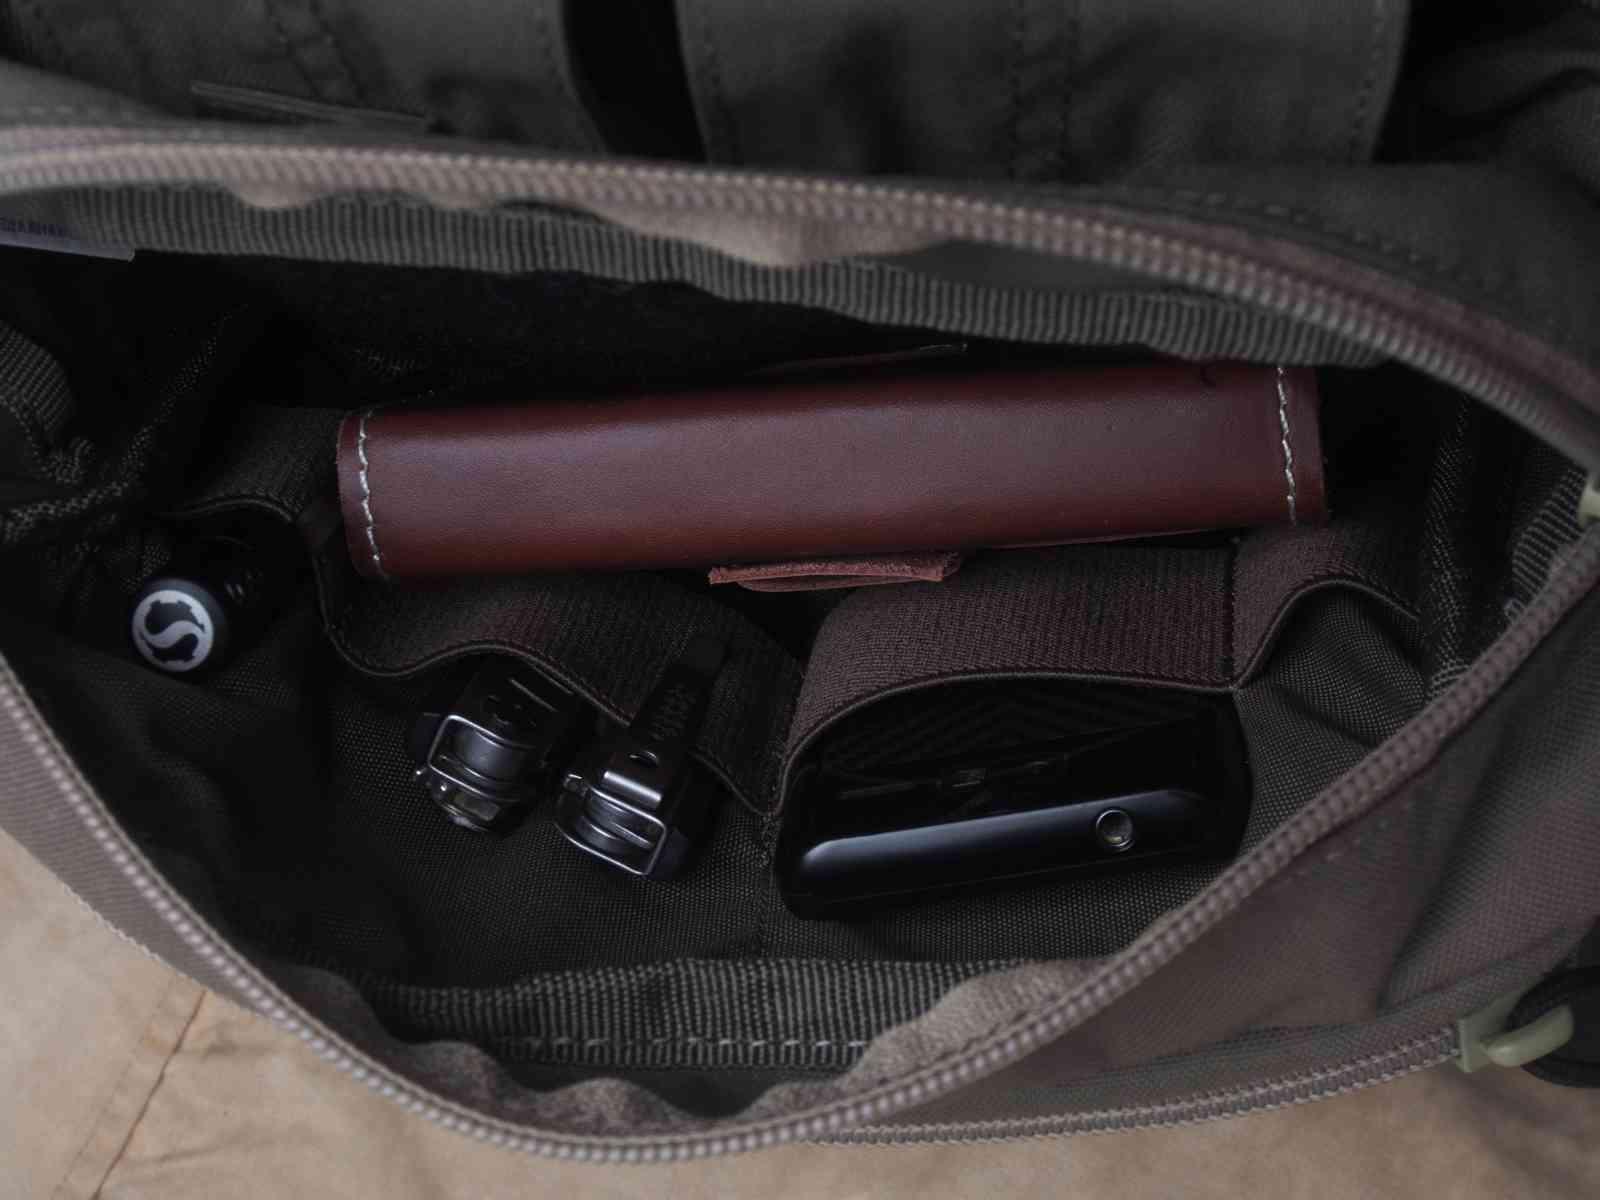 5.11Tactical Banger Bags - Hauptfach